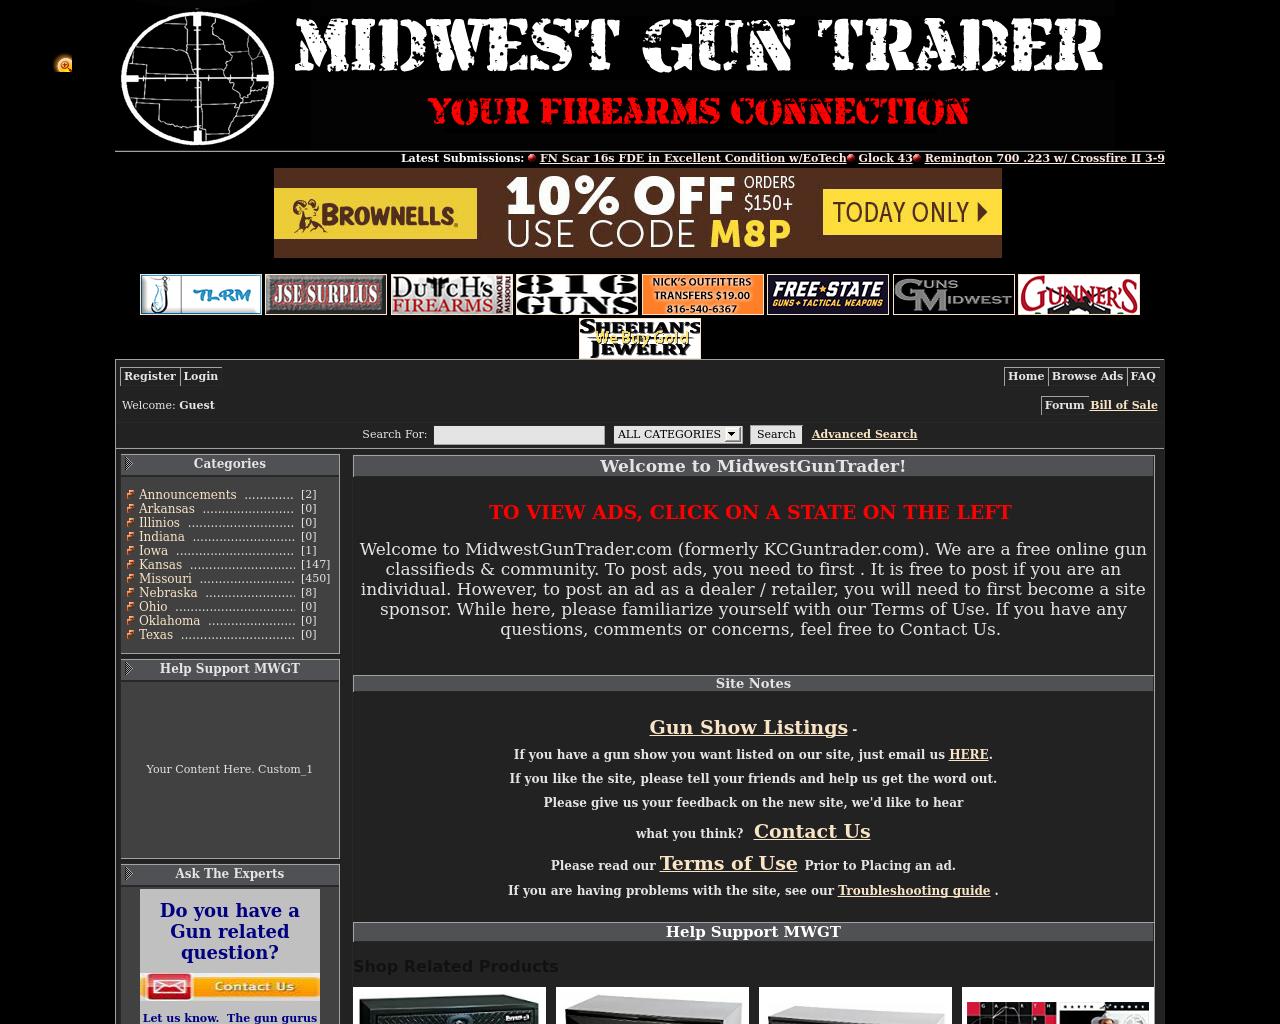 Midwest-Gun-Trader-Advertising-Reviews-Pricing